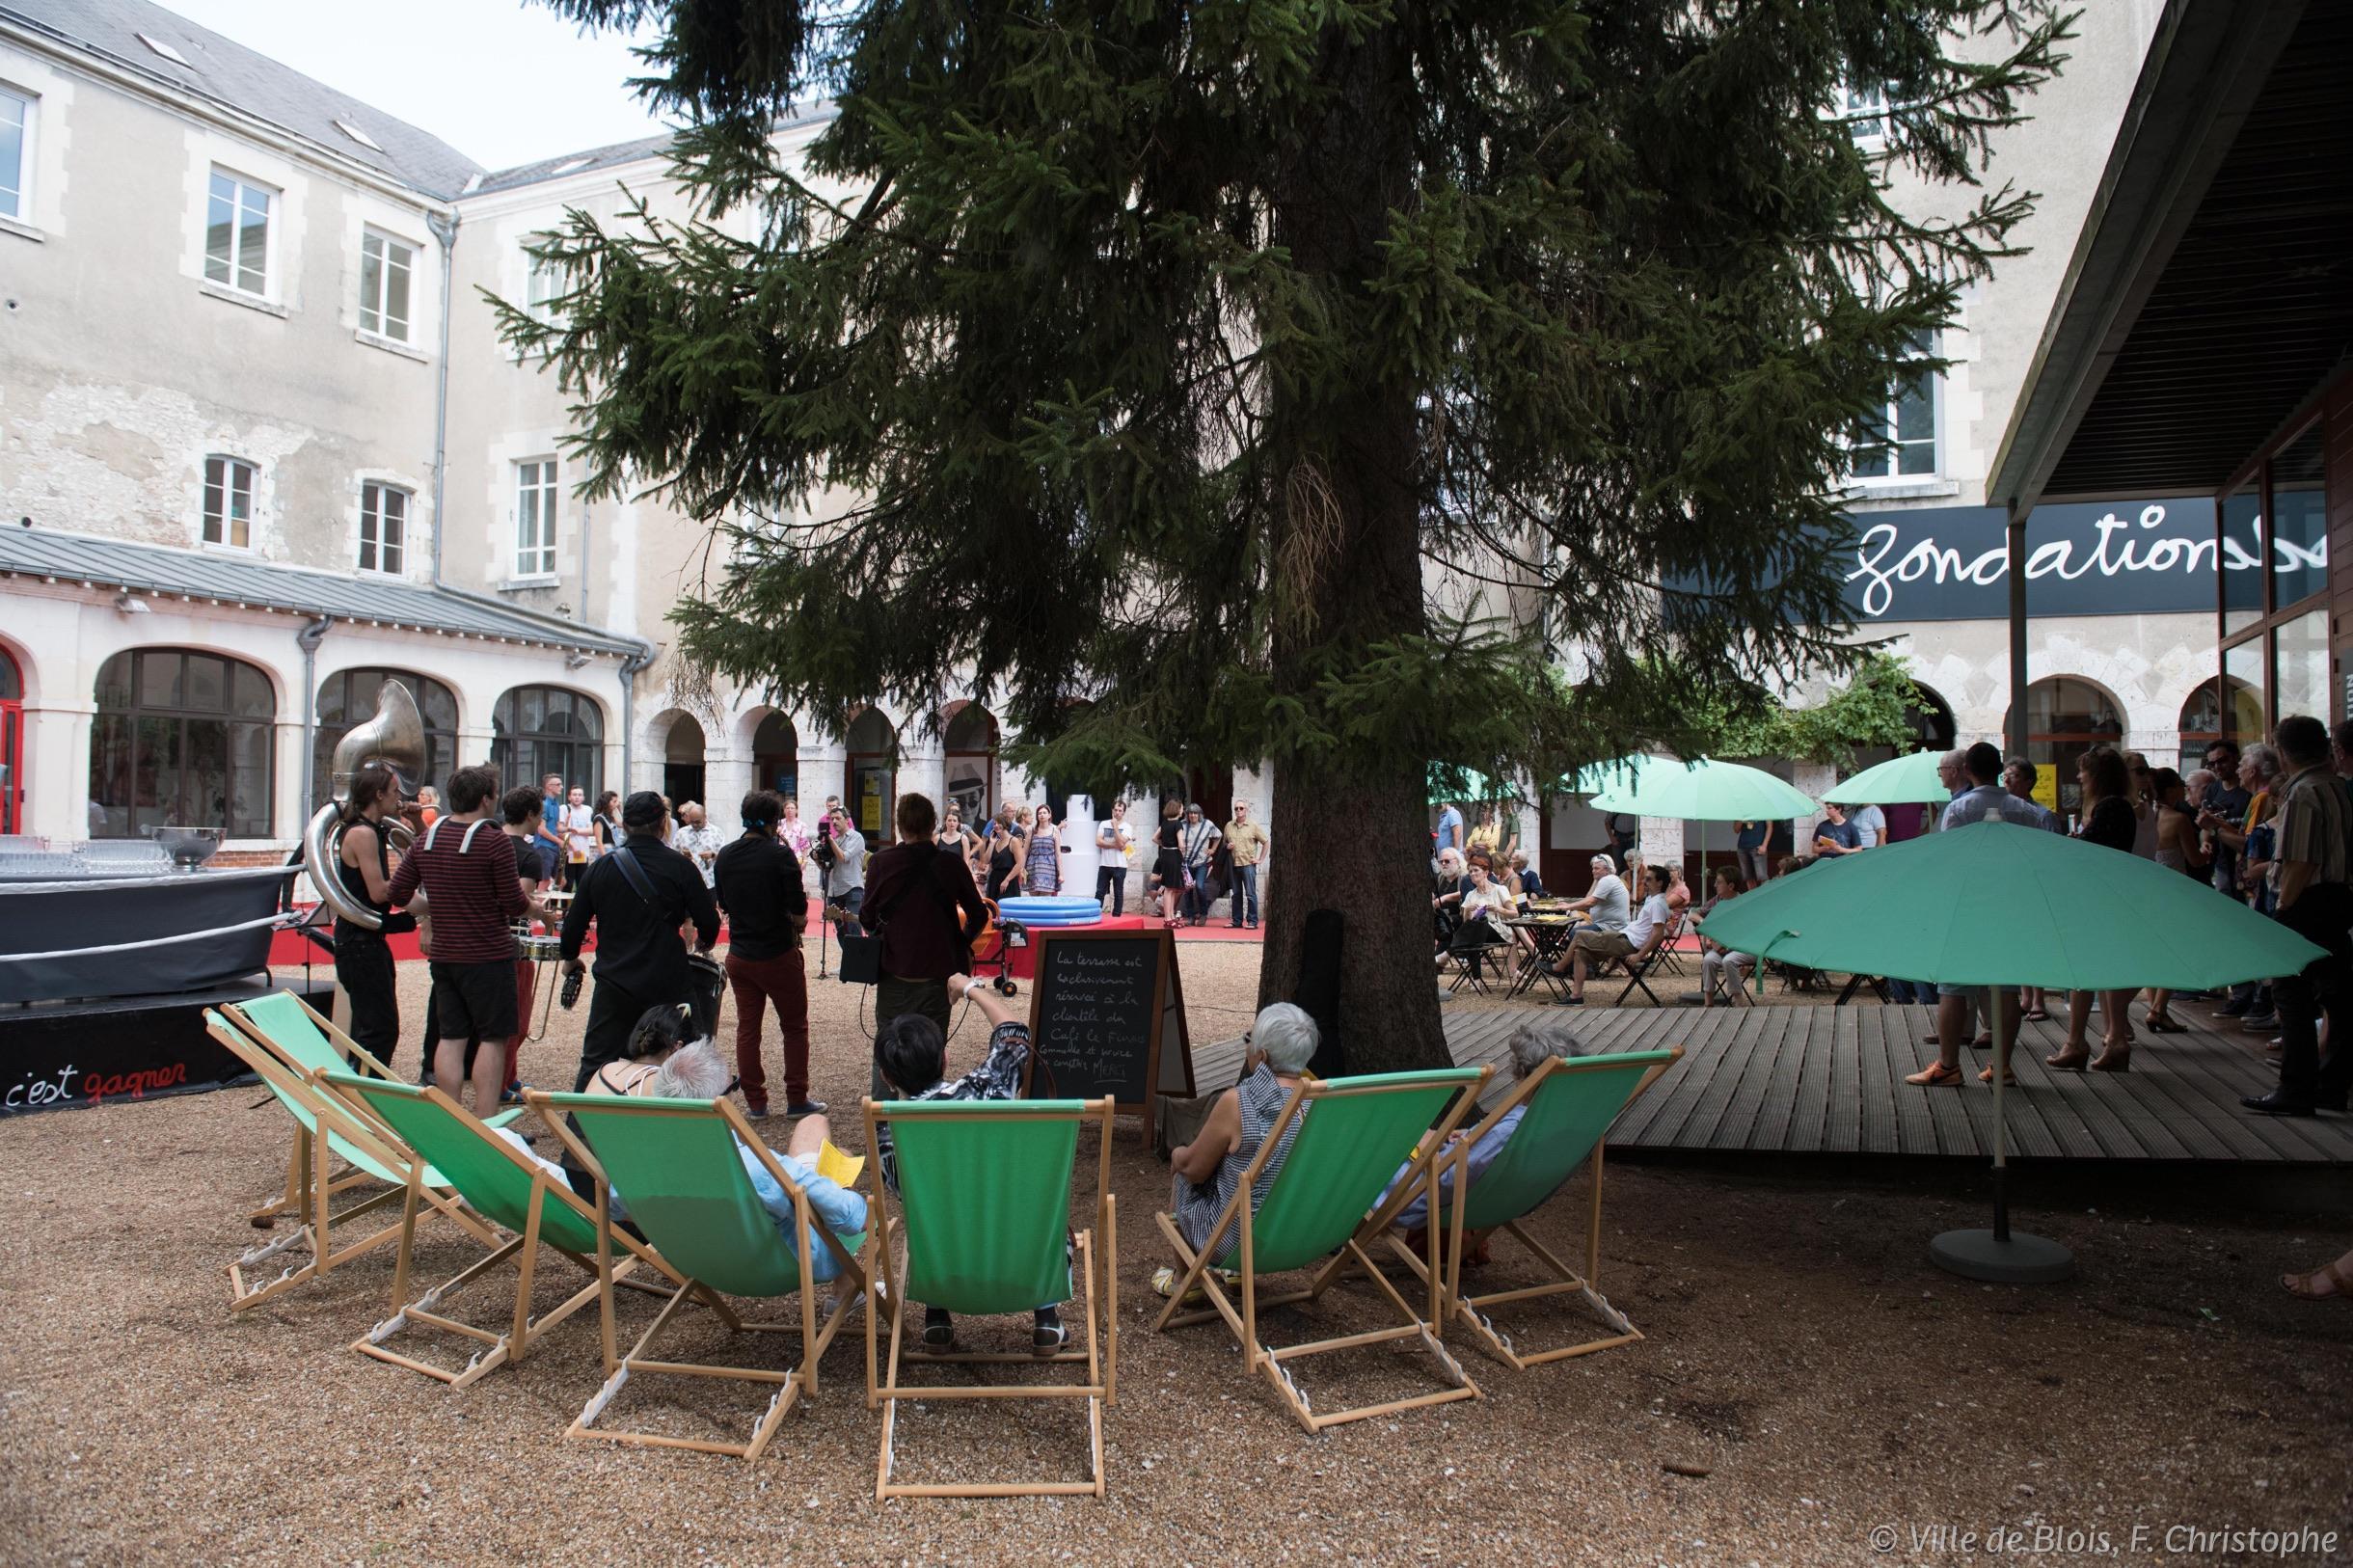 Cour intérieure du cloître dans lequel la Fondation du doute est installée : des transats sont disposés autour d'un arbre qui leur faire de l'ombre.